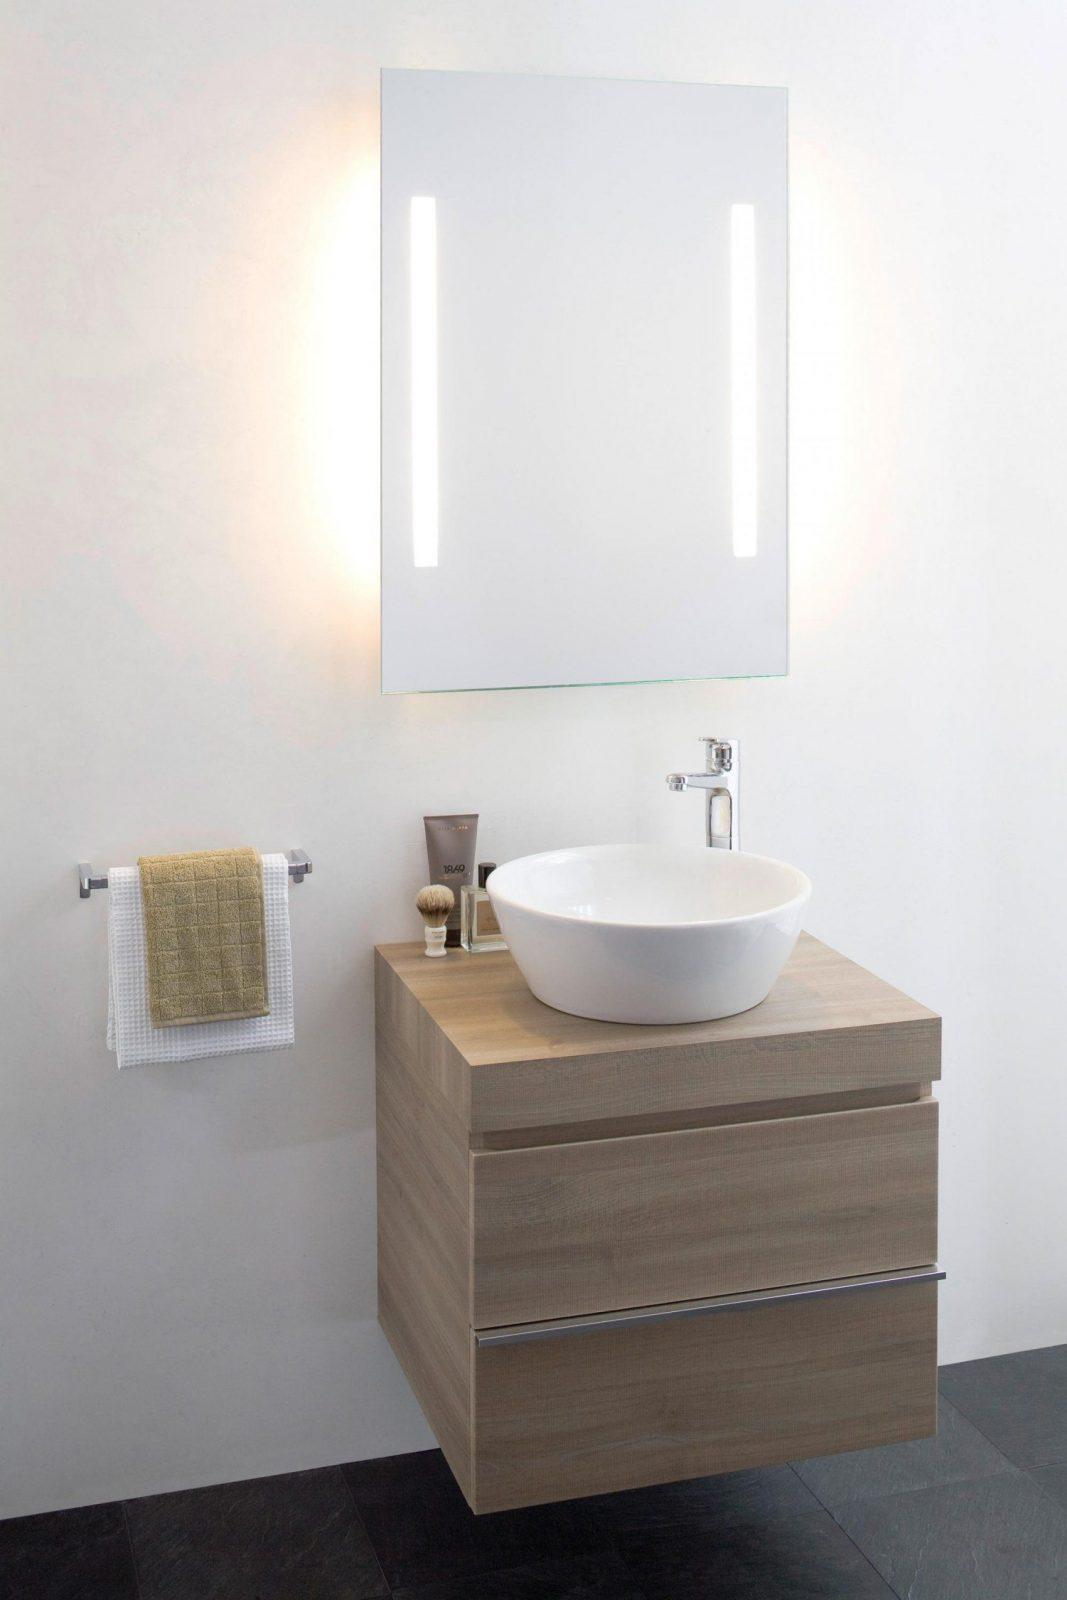 Waschtisch Schale Mit Unterschrank  Home Design Inspiration von Waschtisch Schale Mit Unterschrank Photo